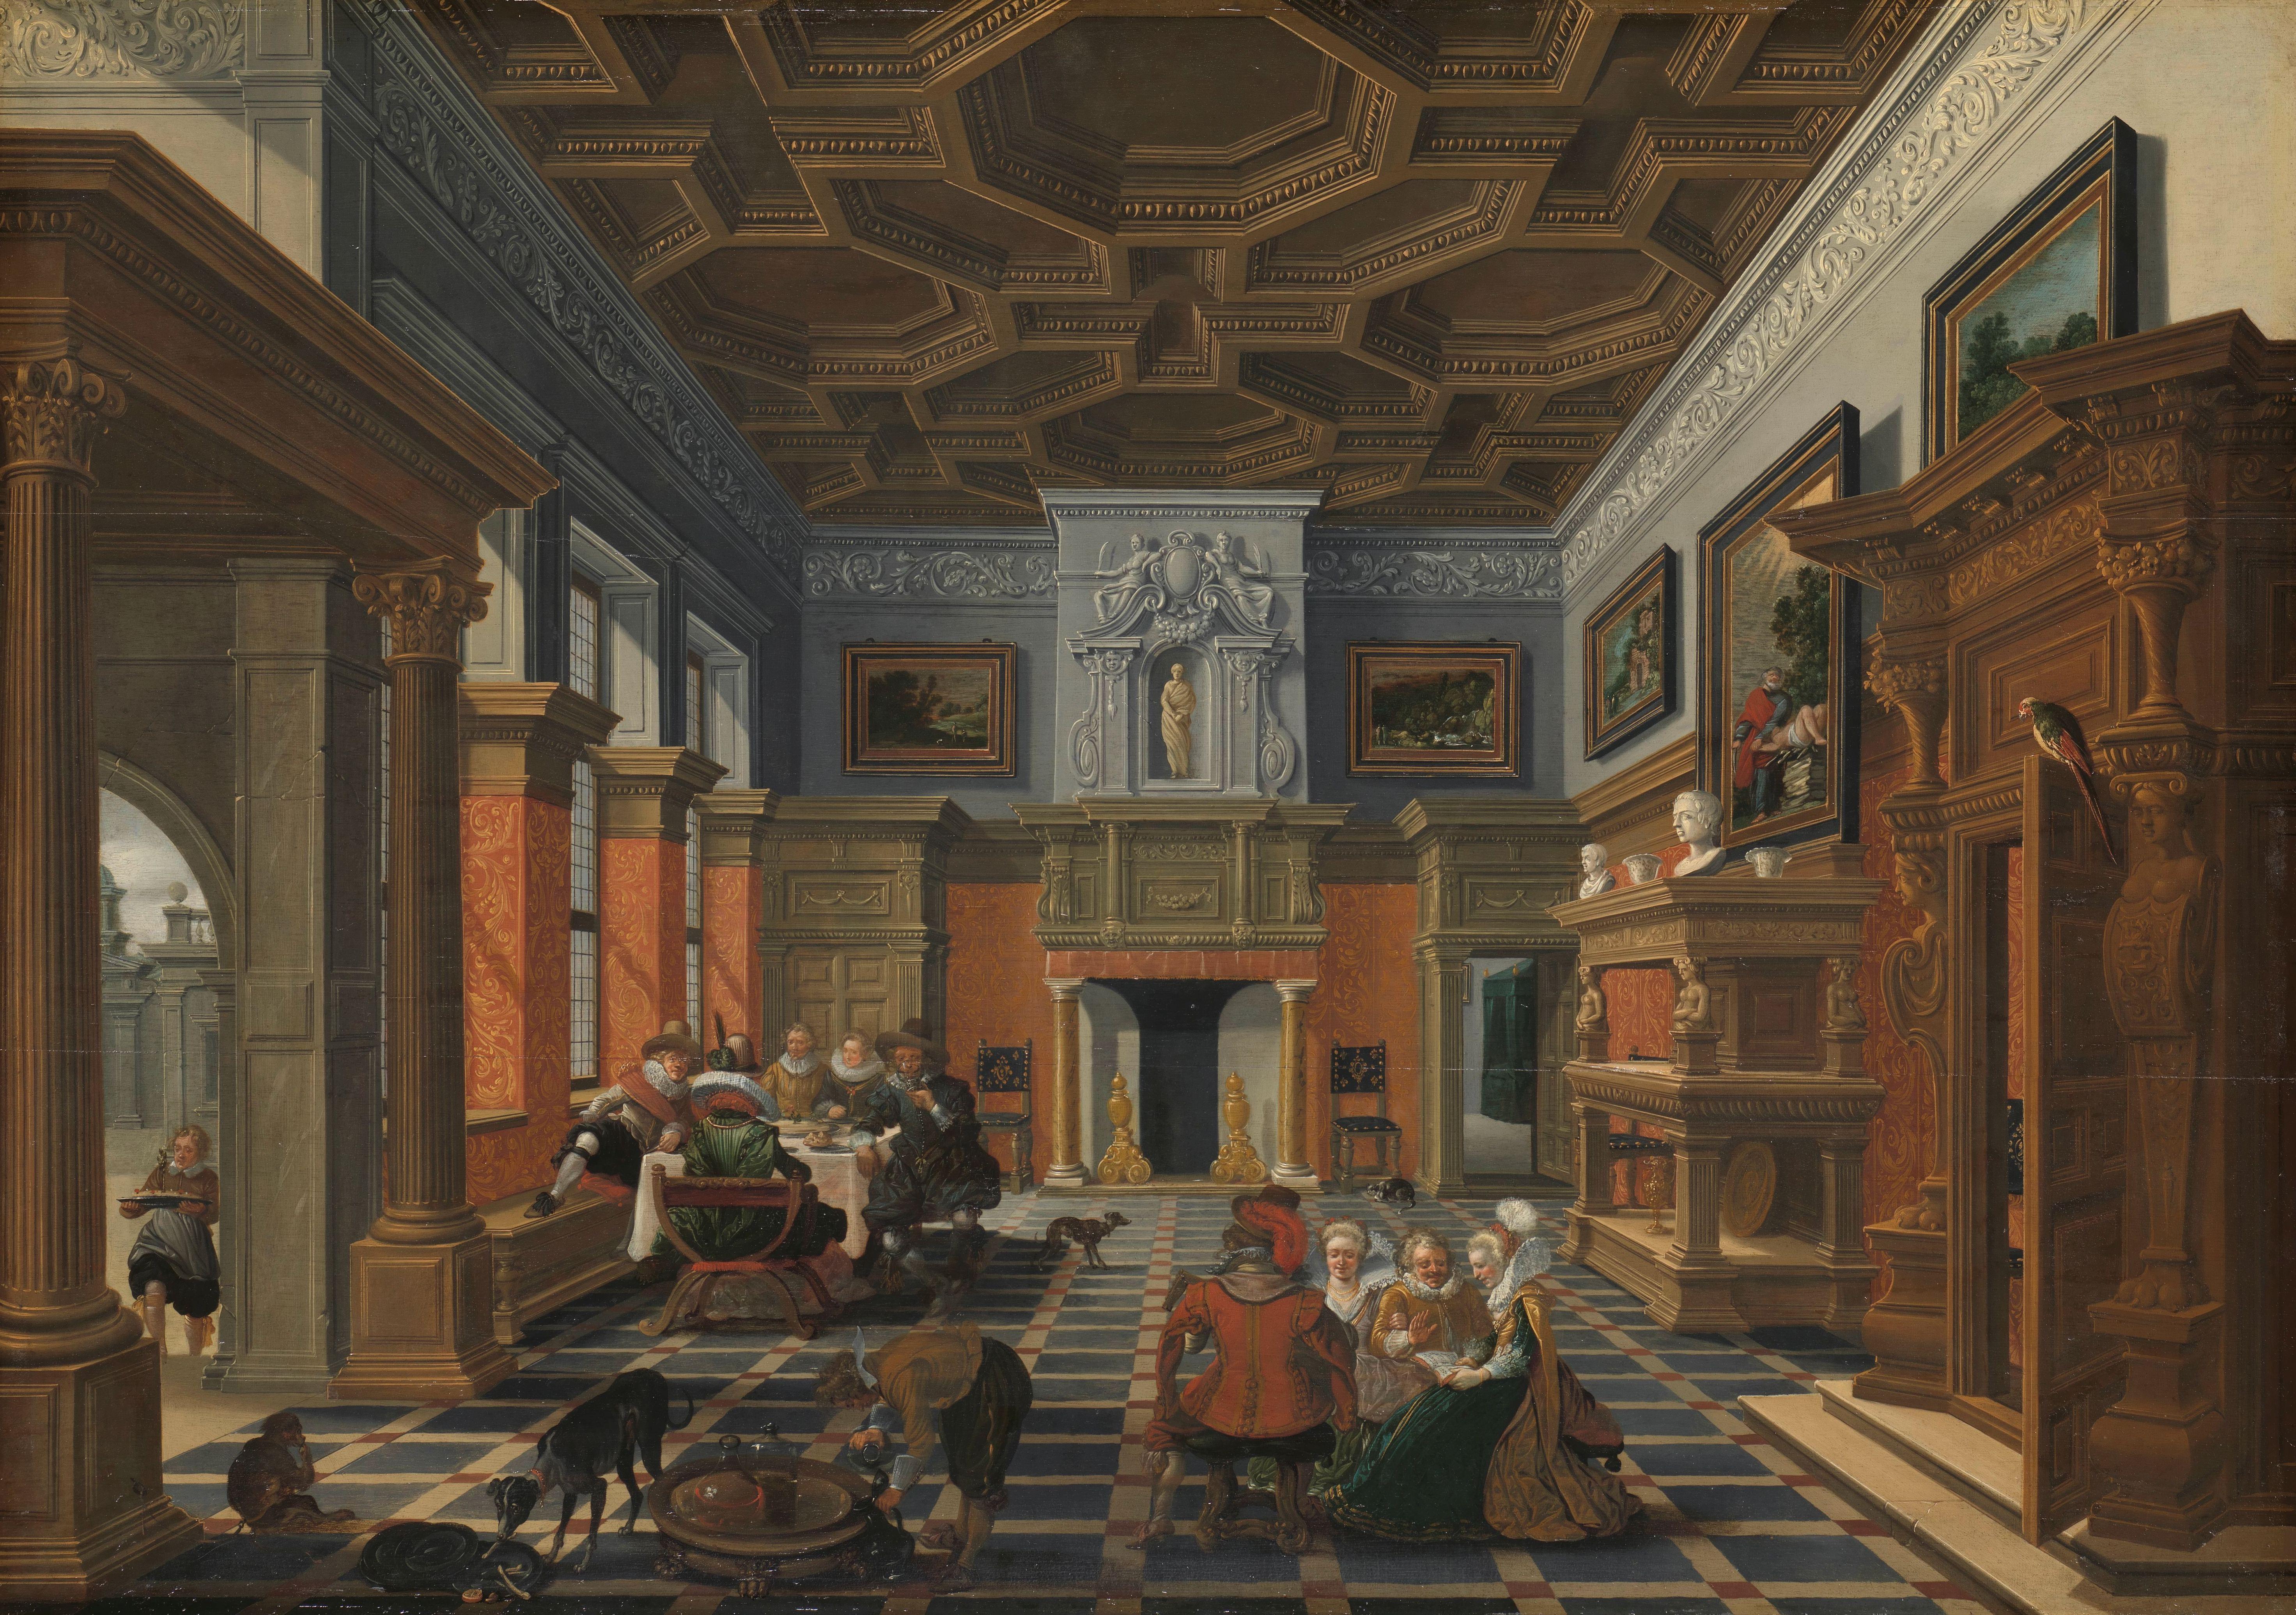 https://upload.wikimedia.org/wikipedia/commons/d/d8/Gezelschap_in_een_interieur_Rijksmuseum_SK-A-864.jpeg